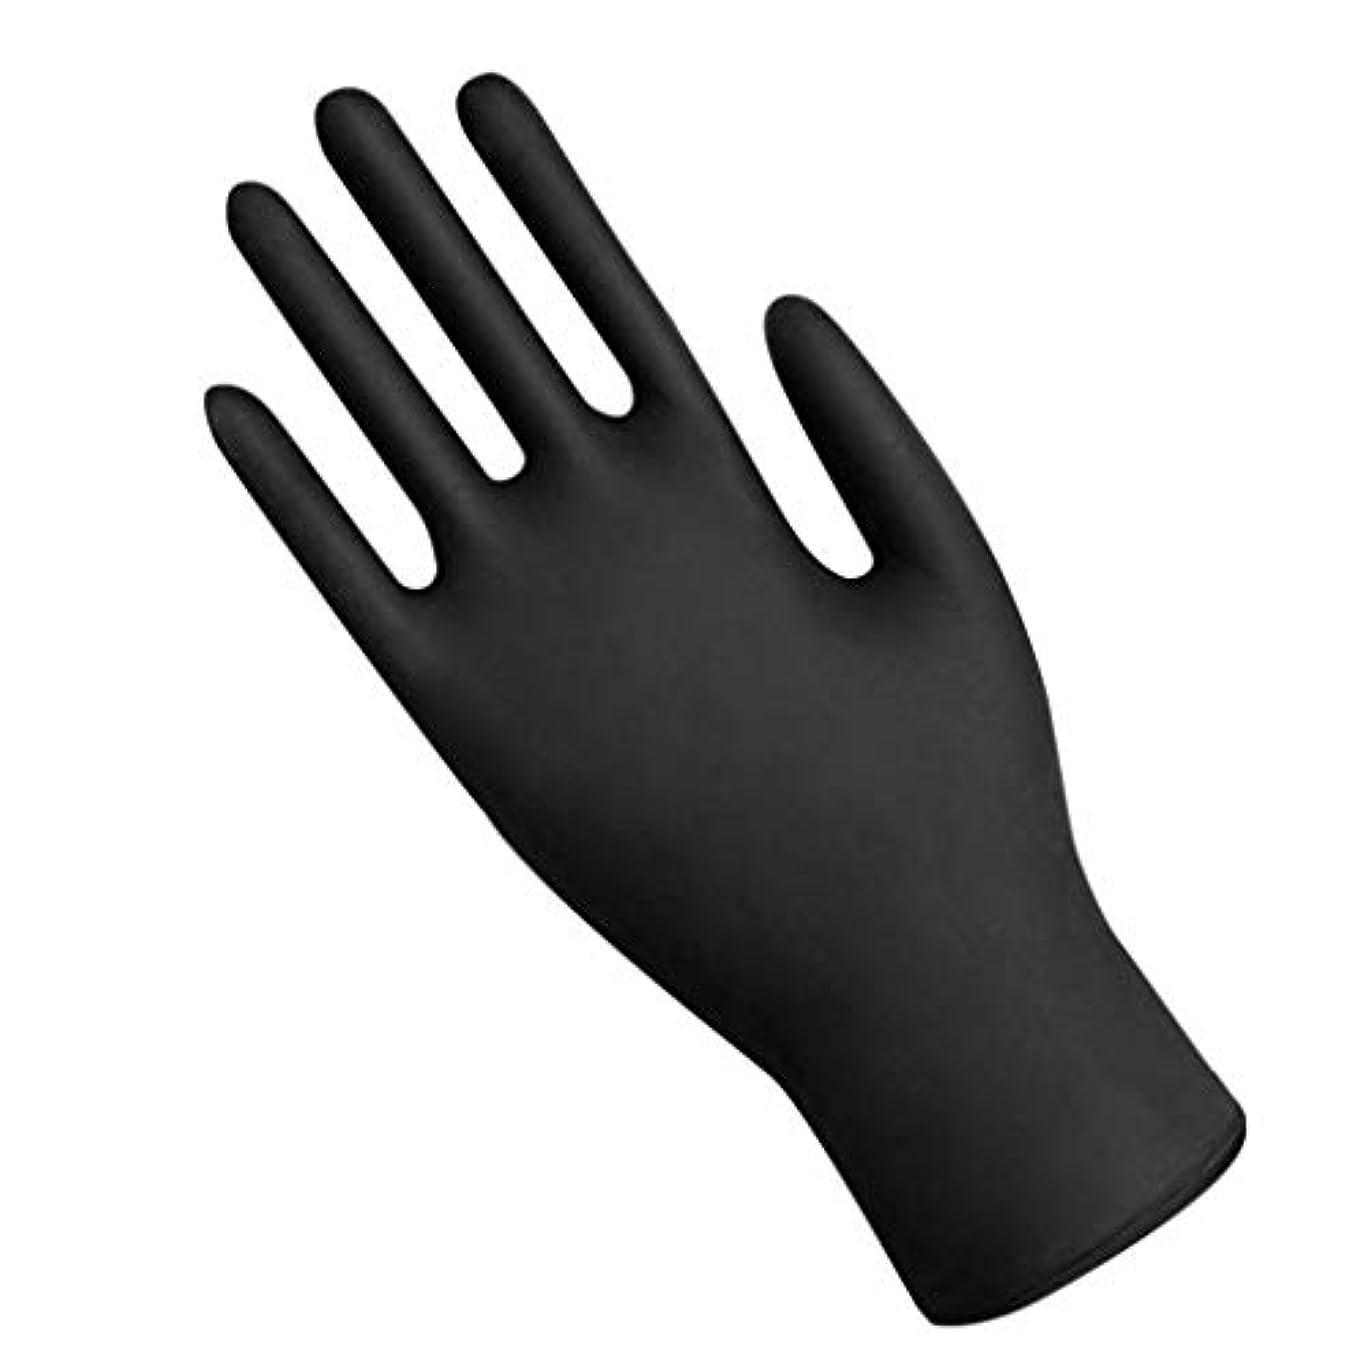 びっくりする無秩序義務Lazayyi 50枚入 シルク手袋 手袋 使い捨て手袋 手荒い 滑りにくい 超弾性 (S, ブラック)